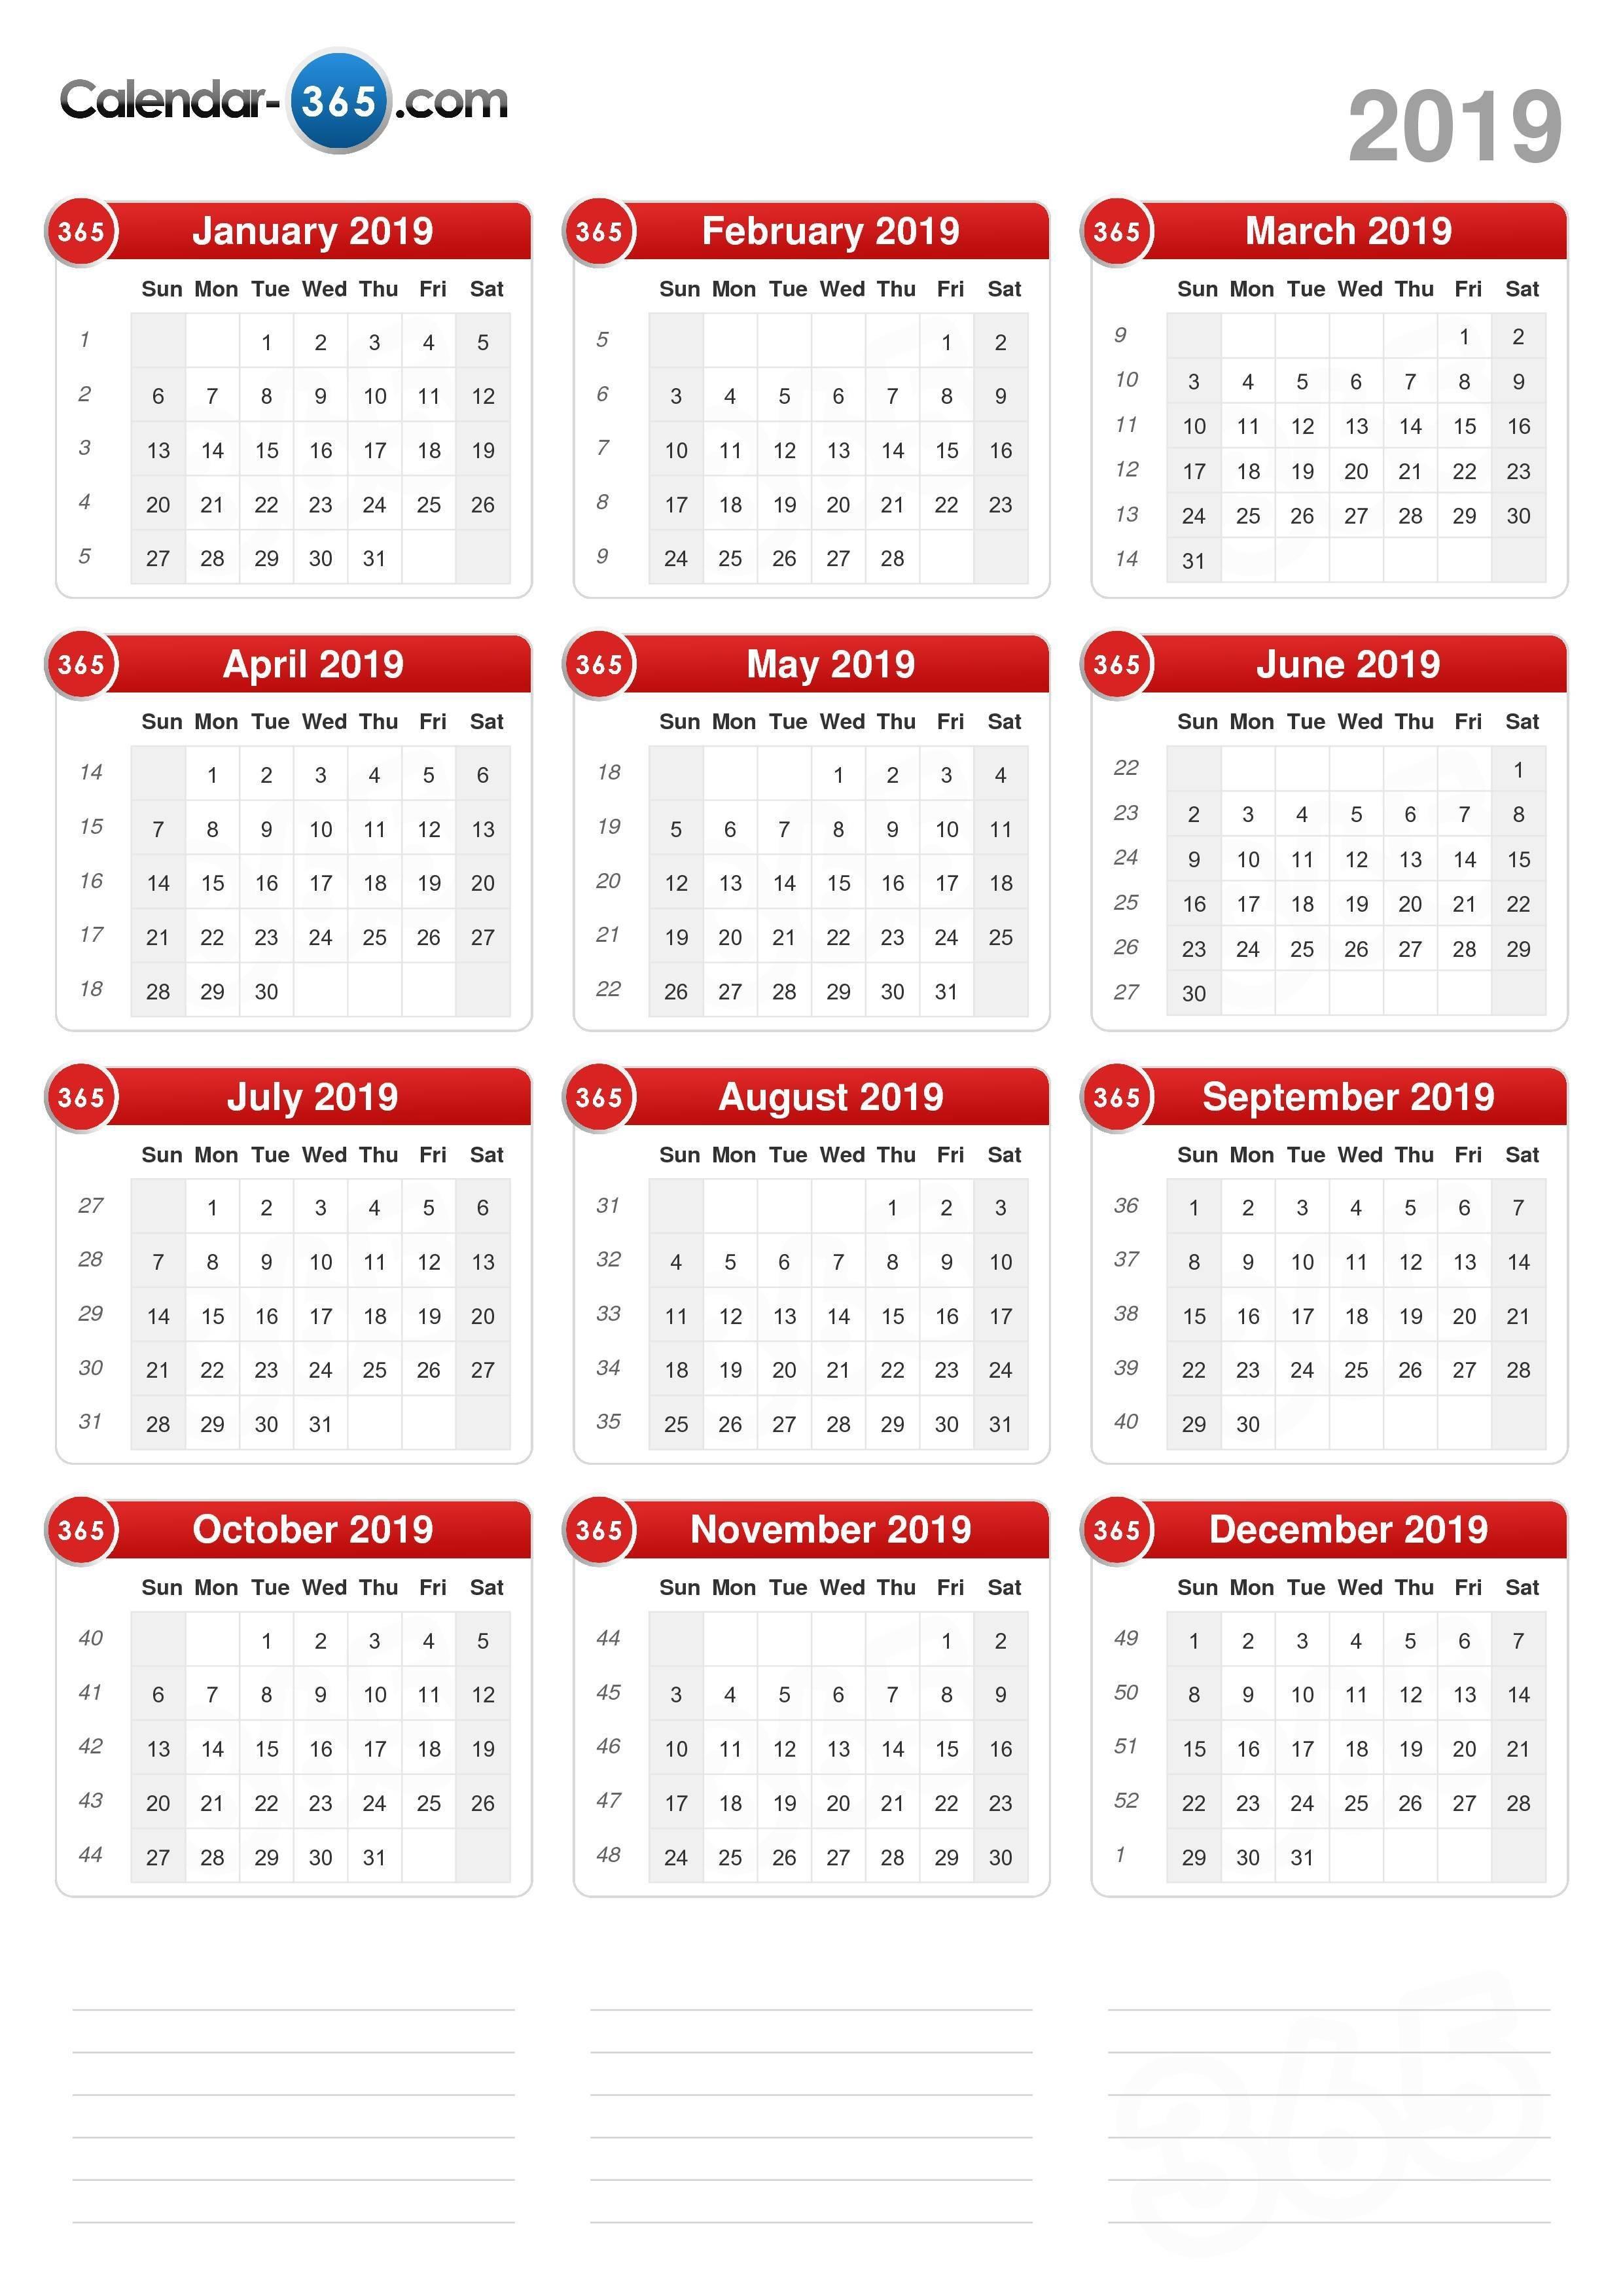 2019 Calendar Calendar Week 6 2019